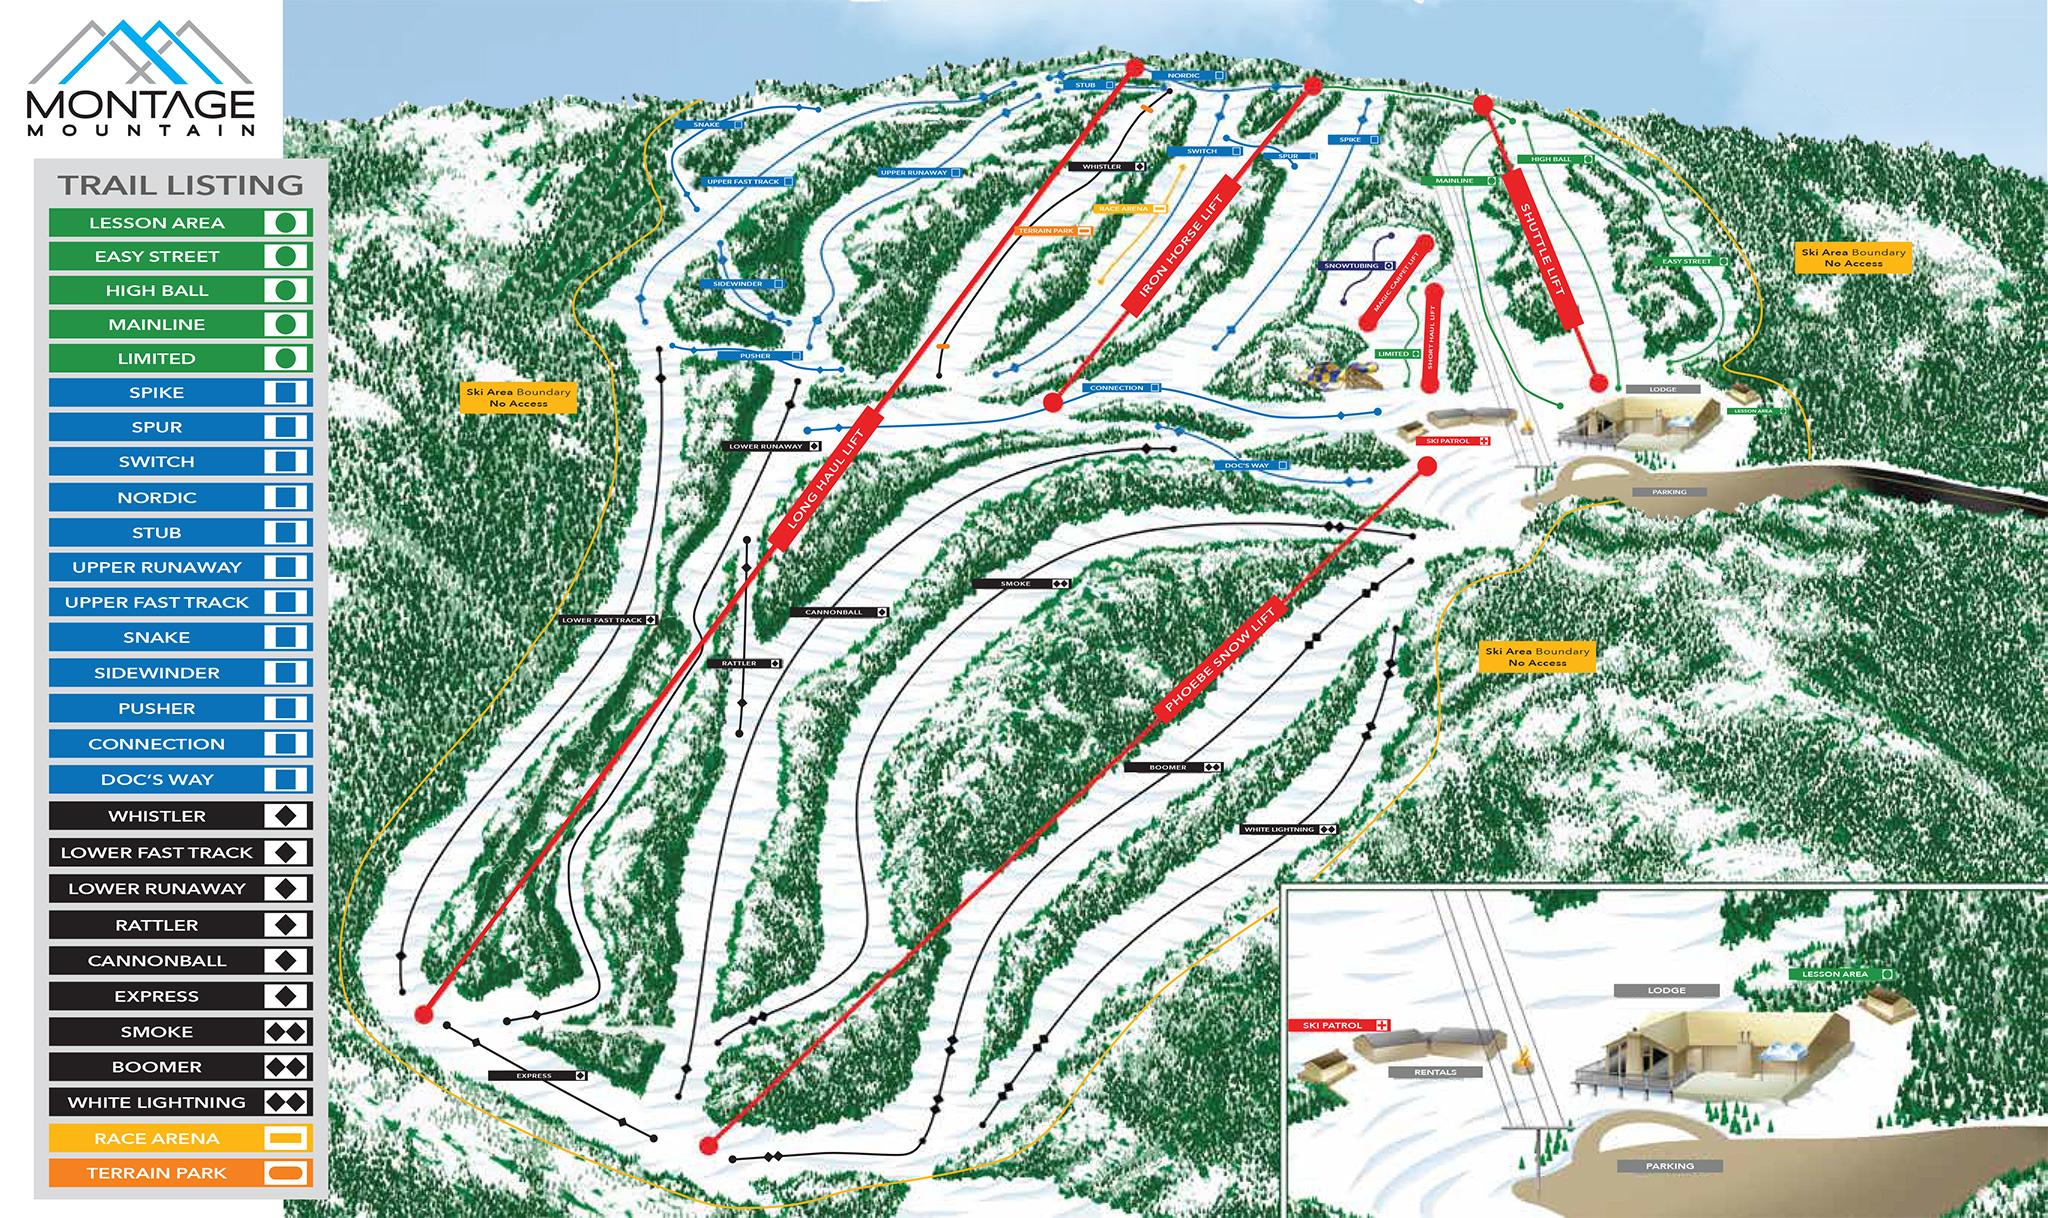 Skiing in the Poconos Trail Status Montage Mountain Snow Tubing